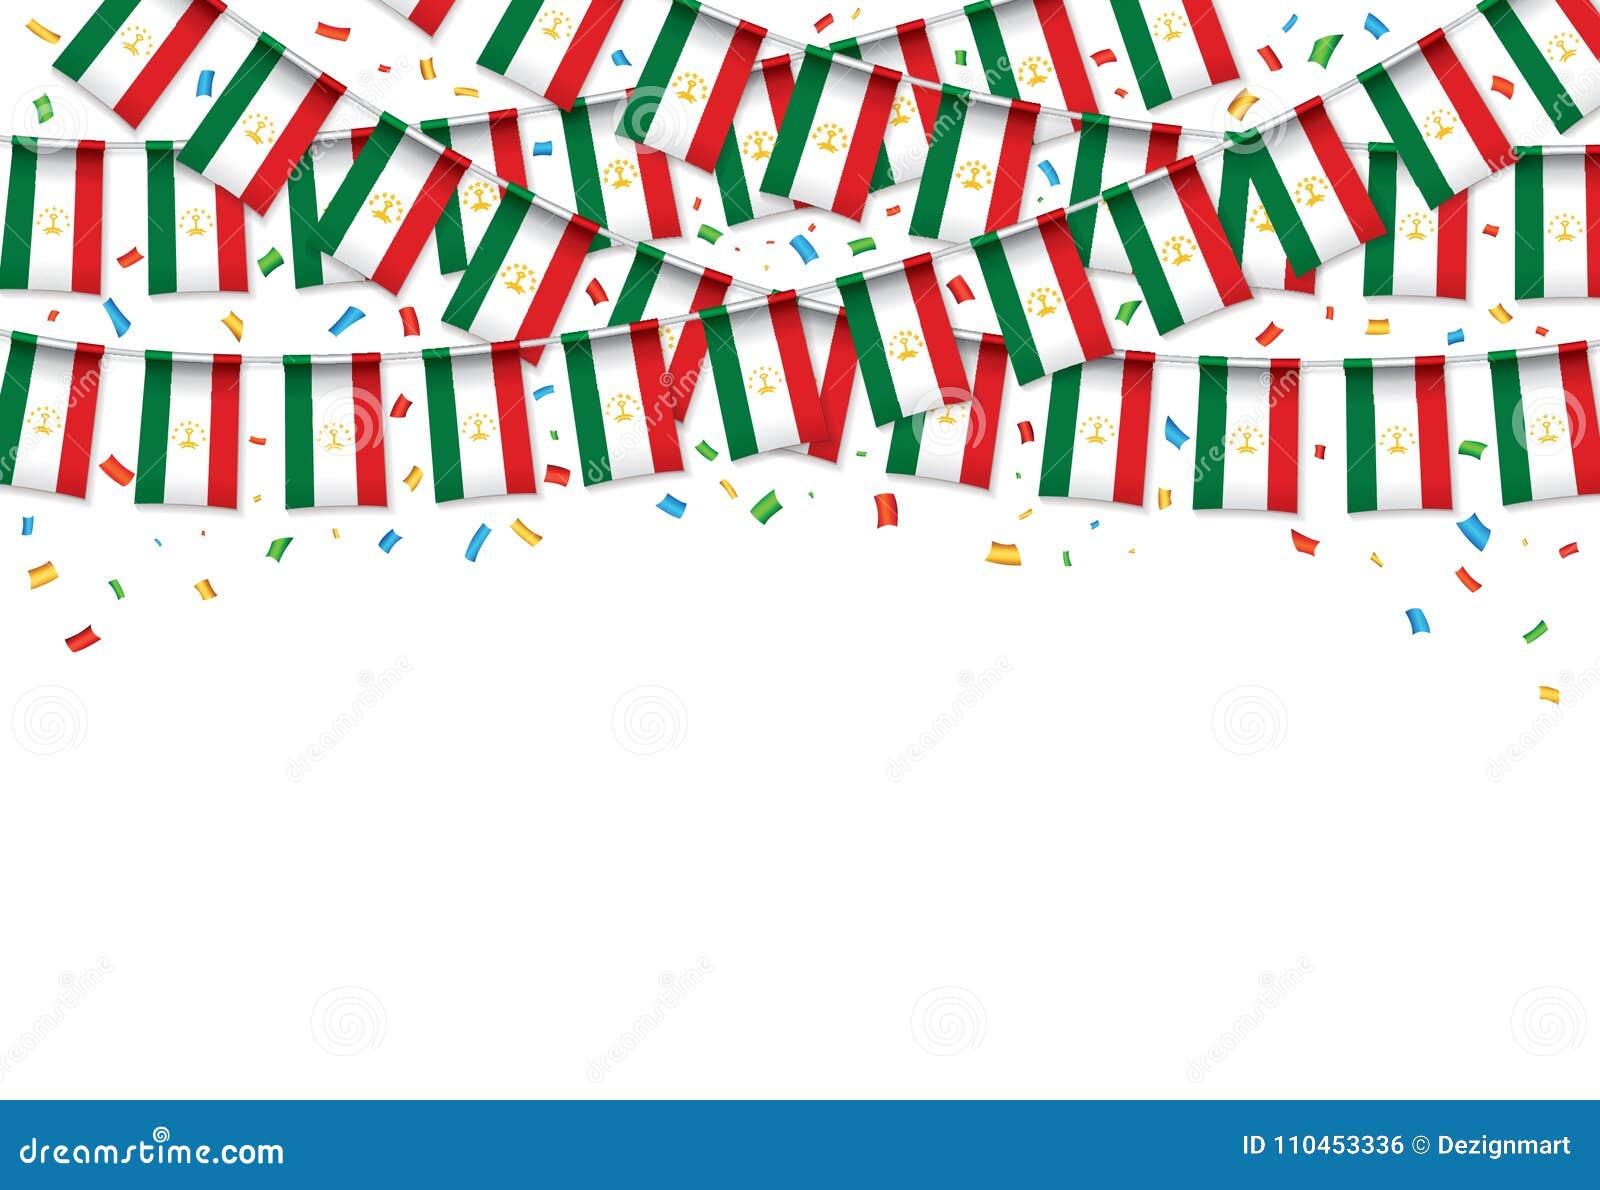 Tadzjikistan sjunker vit bakgrund för girlanden med konfettier, hängningbunting för tadzjikisk självständighetsdagen